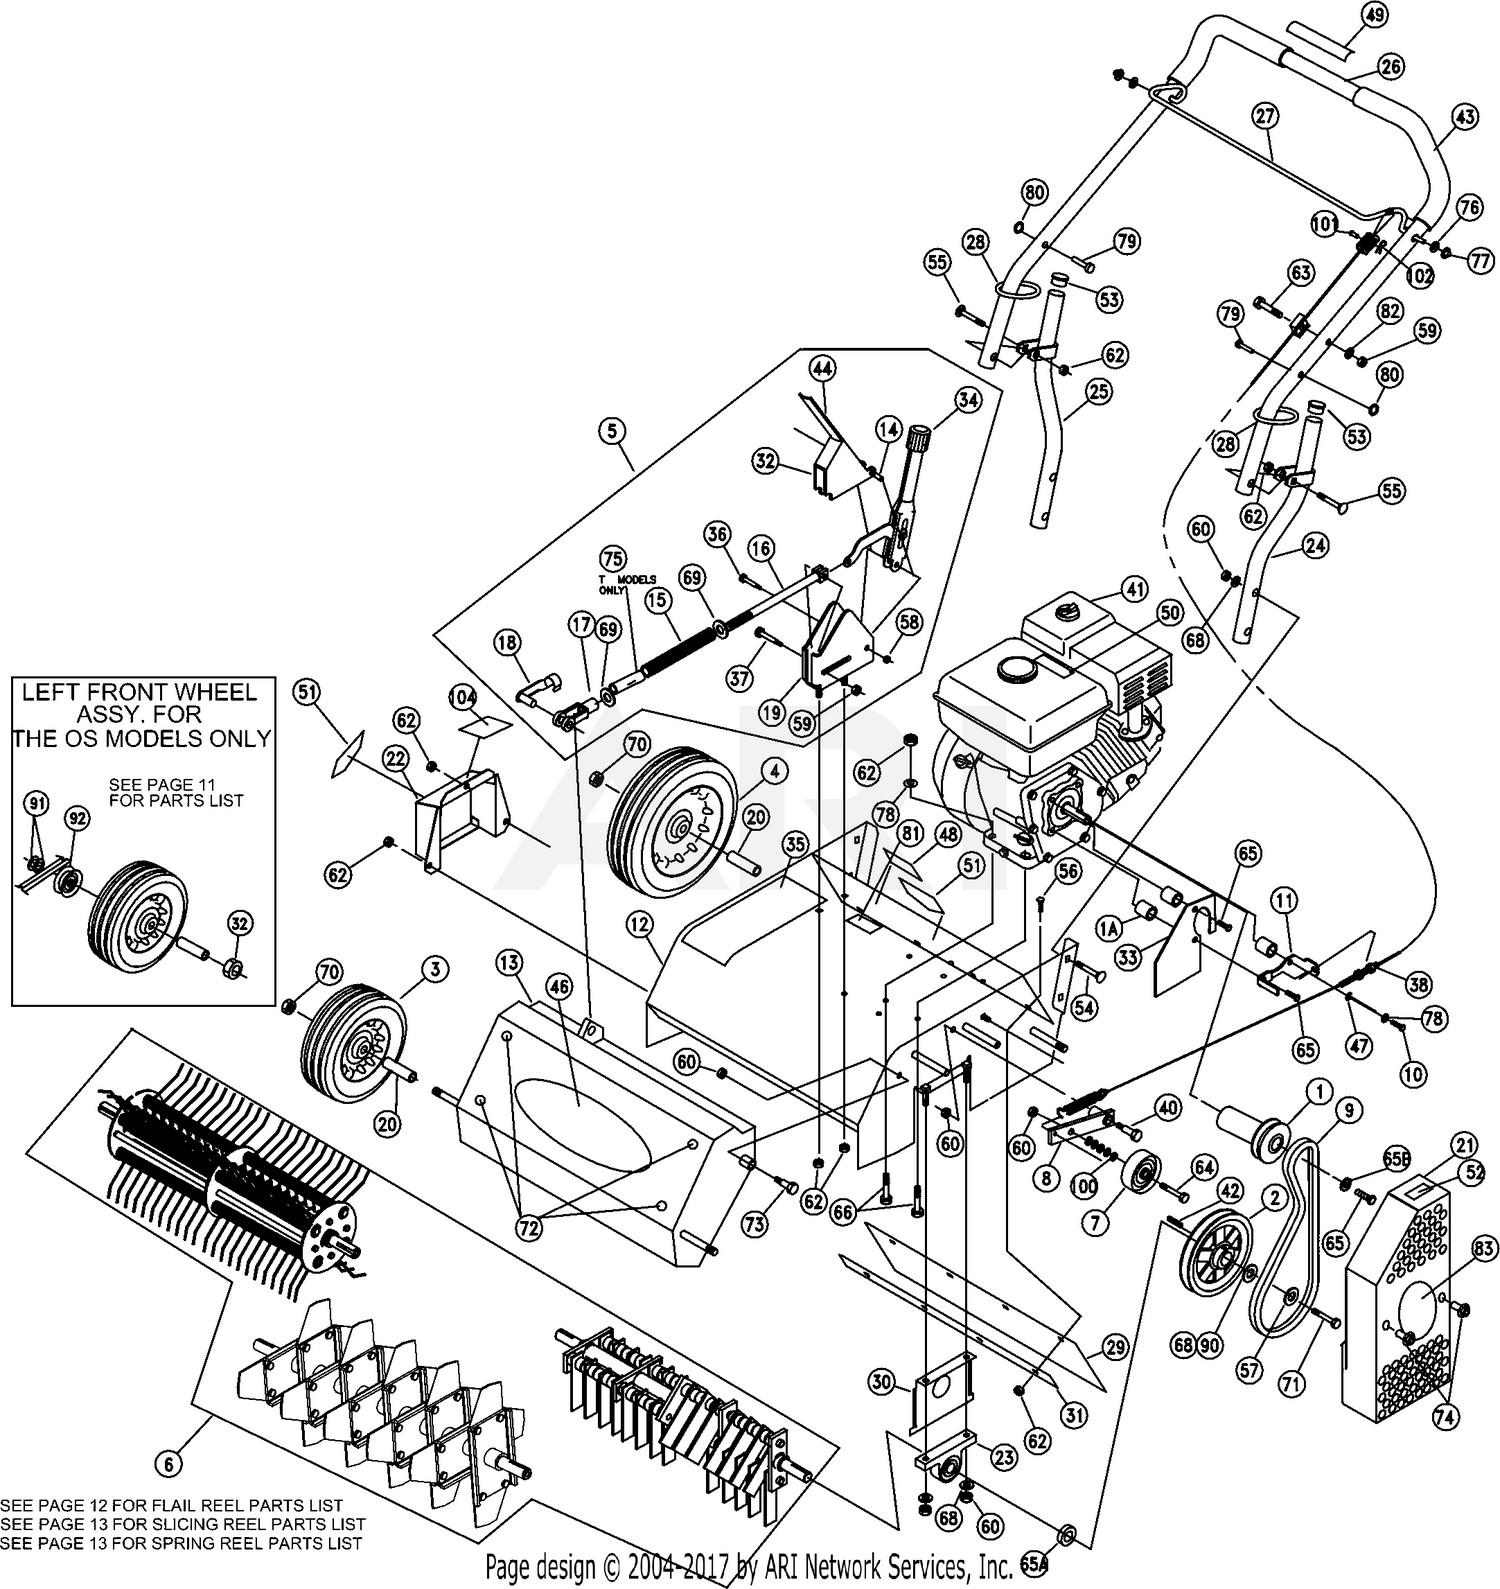 Leaf Spring Parts Diagram Billy Goat Pr550h Parts assembly Of Leaf Spring Parts Diagram